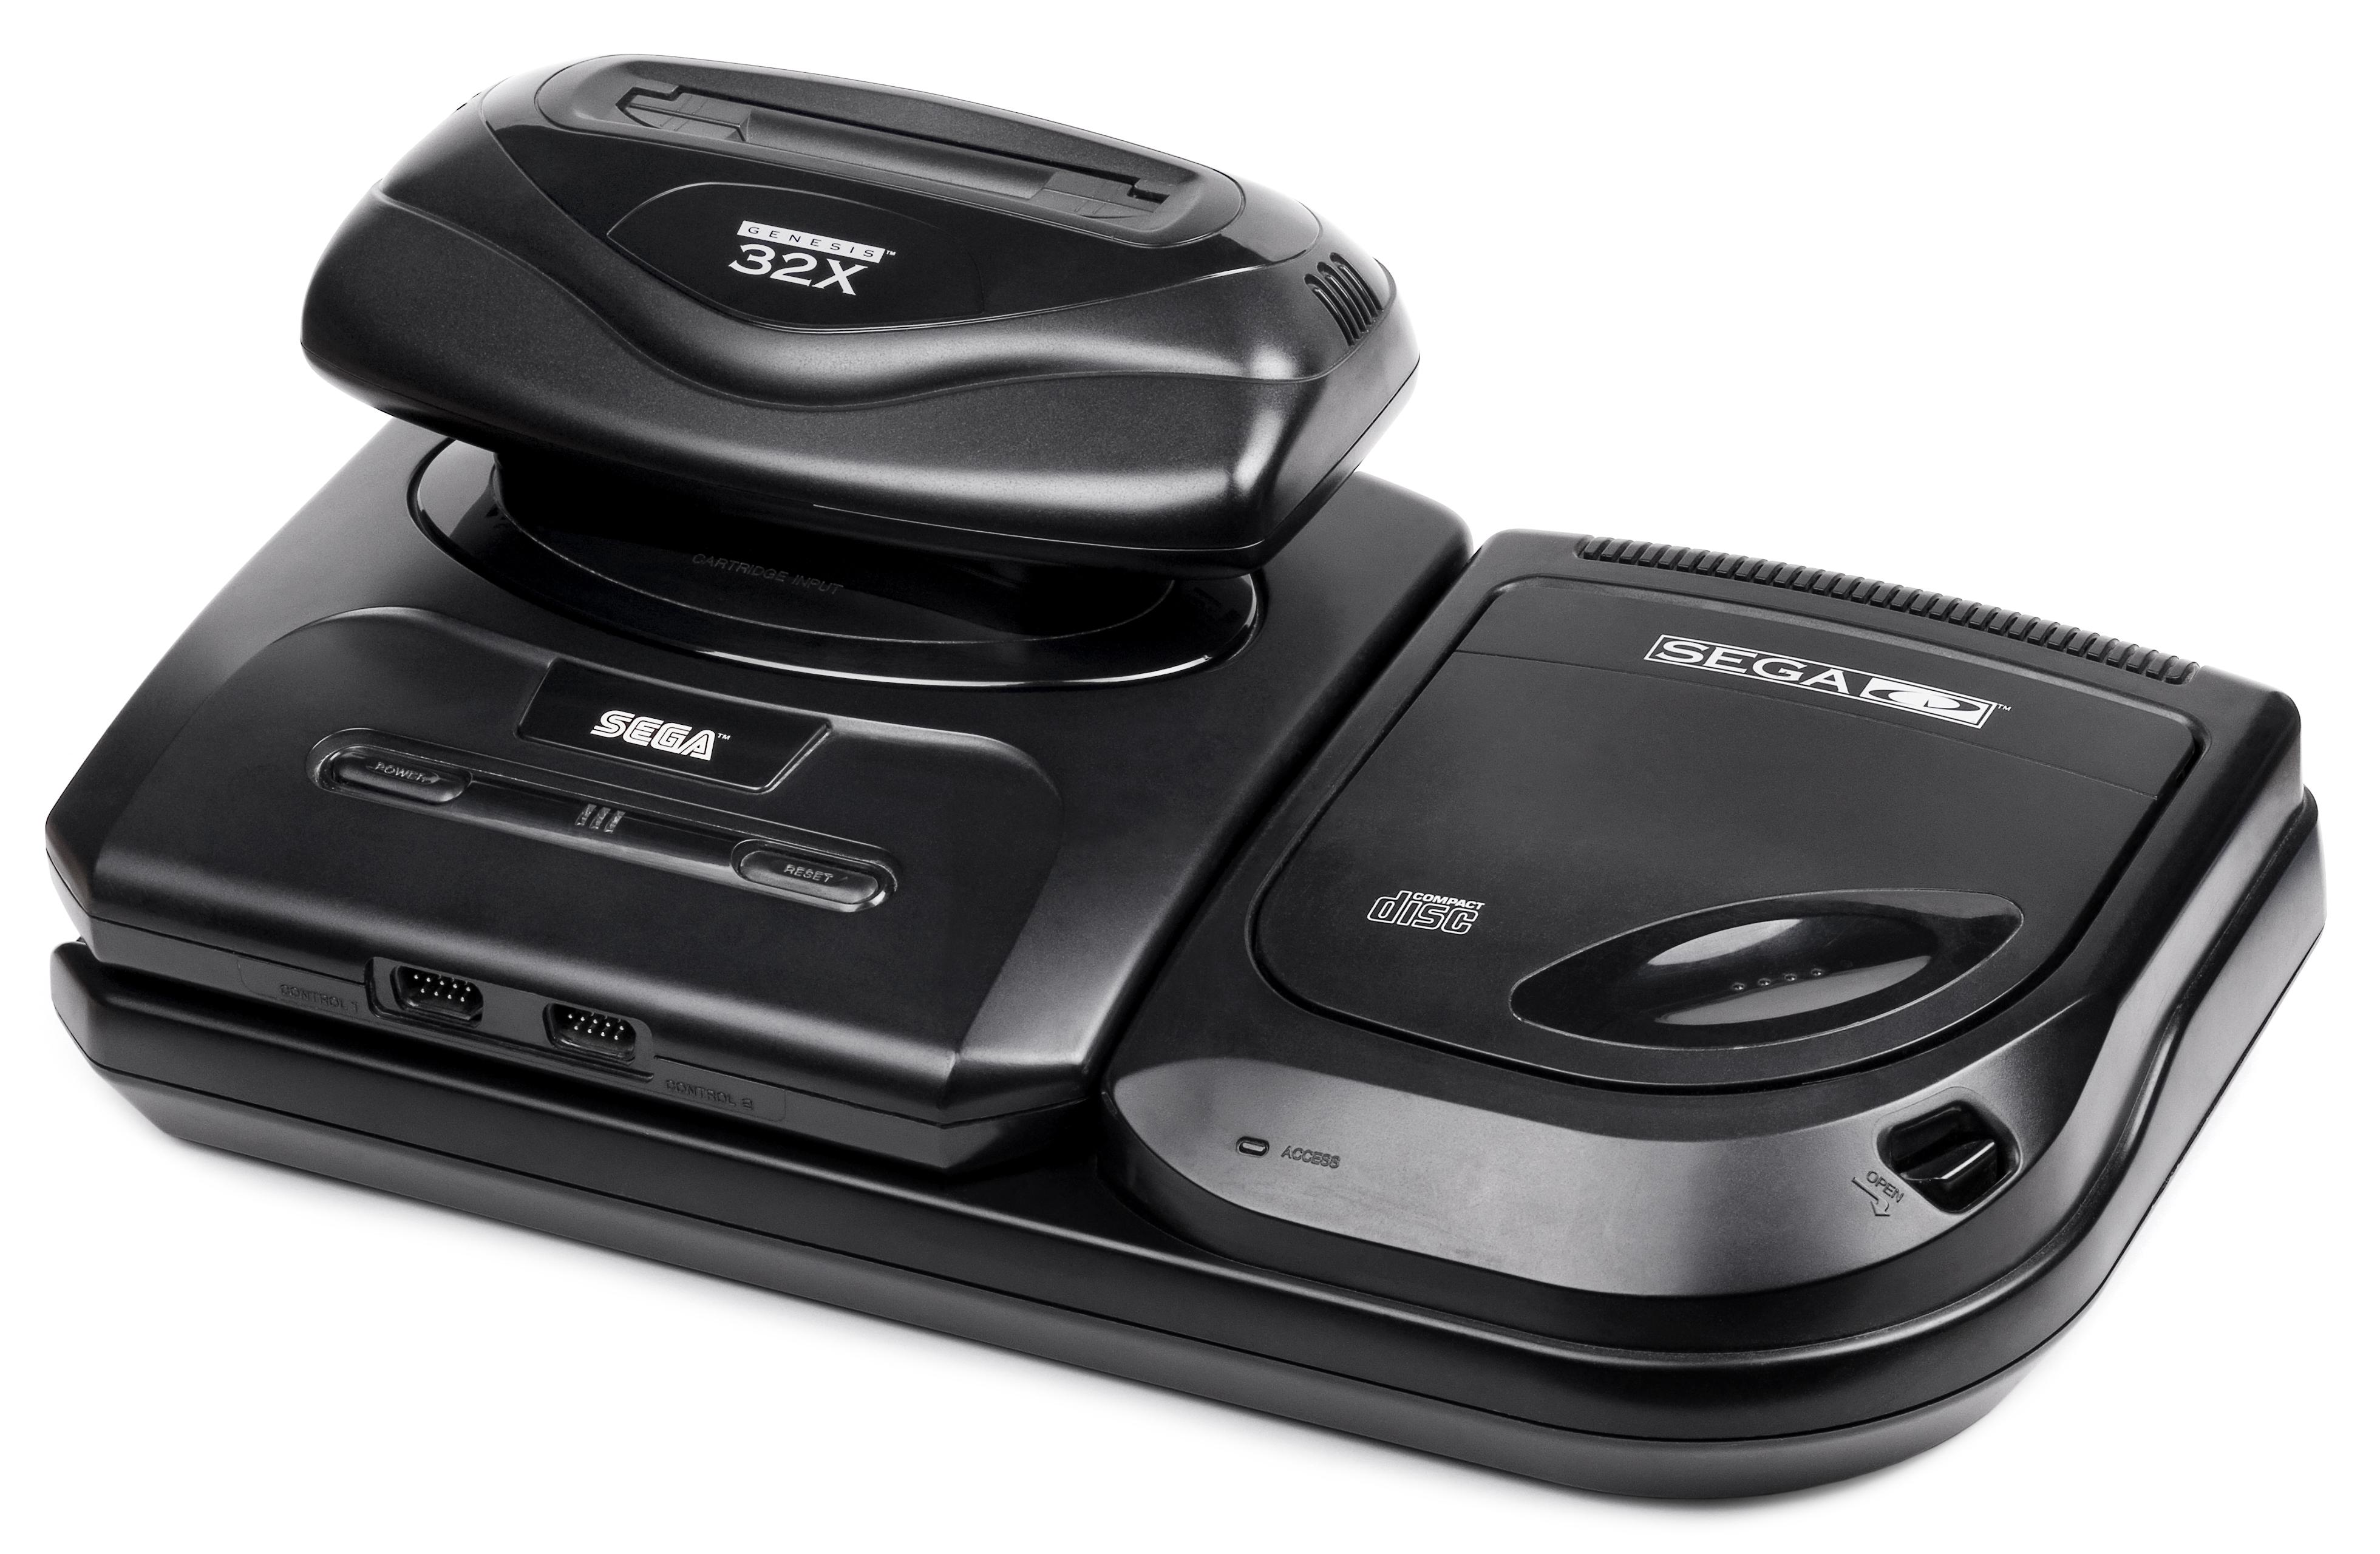 Sega הכריזה על אימולטור רשמי של ה-Mega Drive האגדי